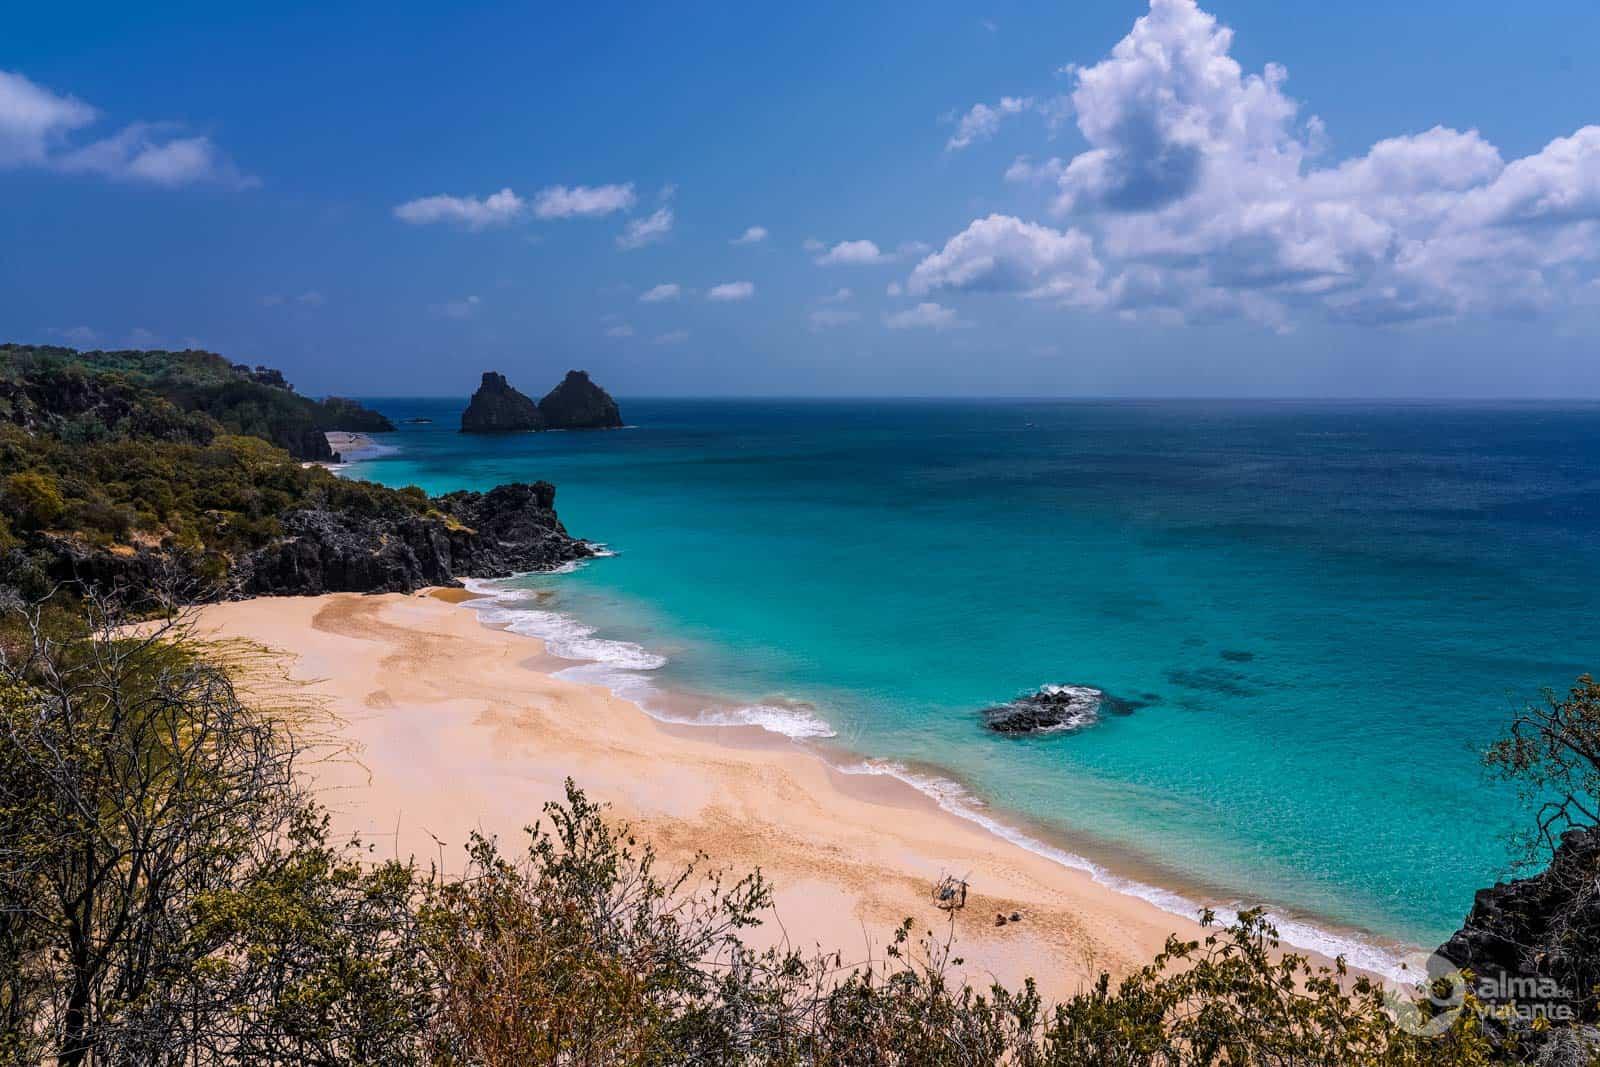 @almadeviajante_oficial's cover photo for 'Fernando de Noronha: guia completo para visitar a ilha | Alma de Viajante'